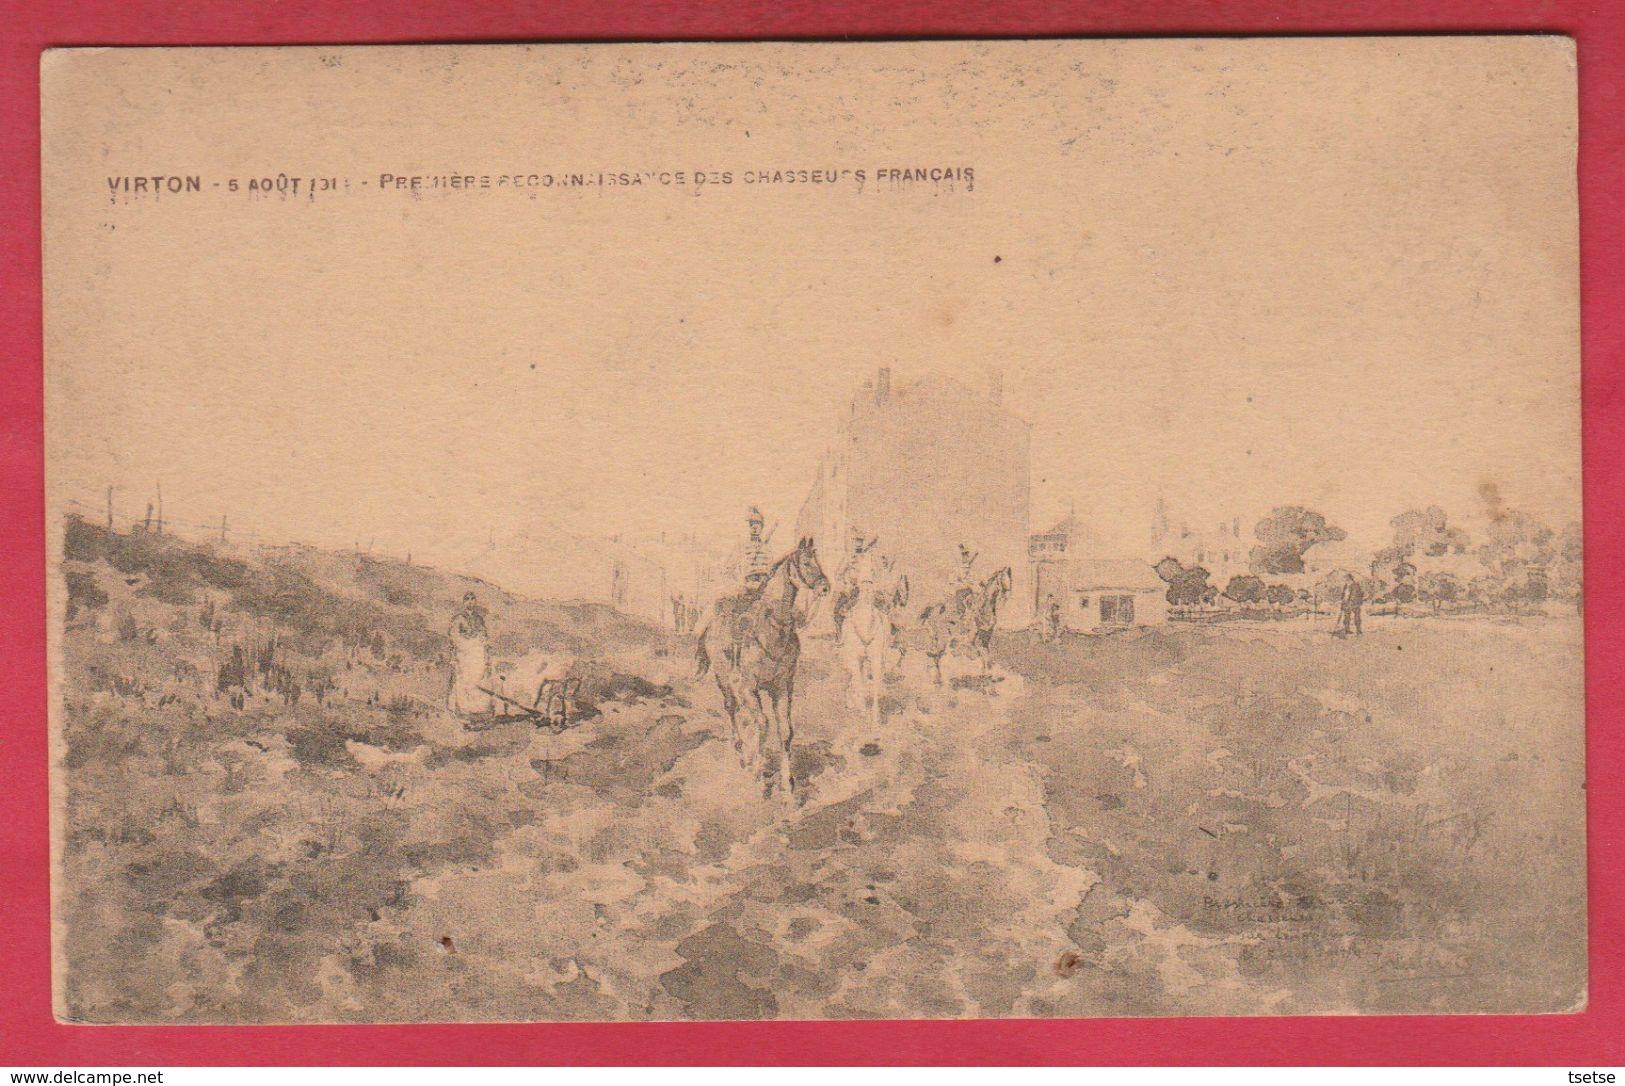 Virton ... 5 Août 1914 - Première Reconnaissance Des Chasseurs Français - Virton